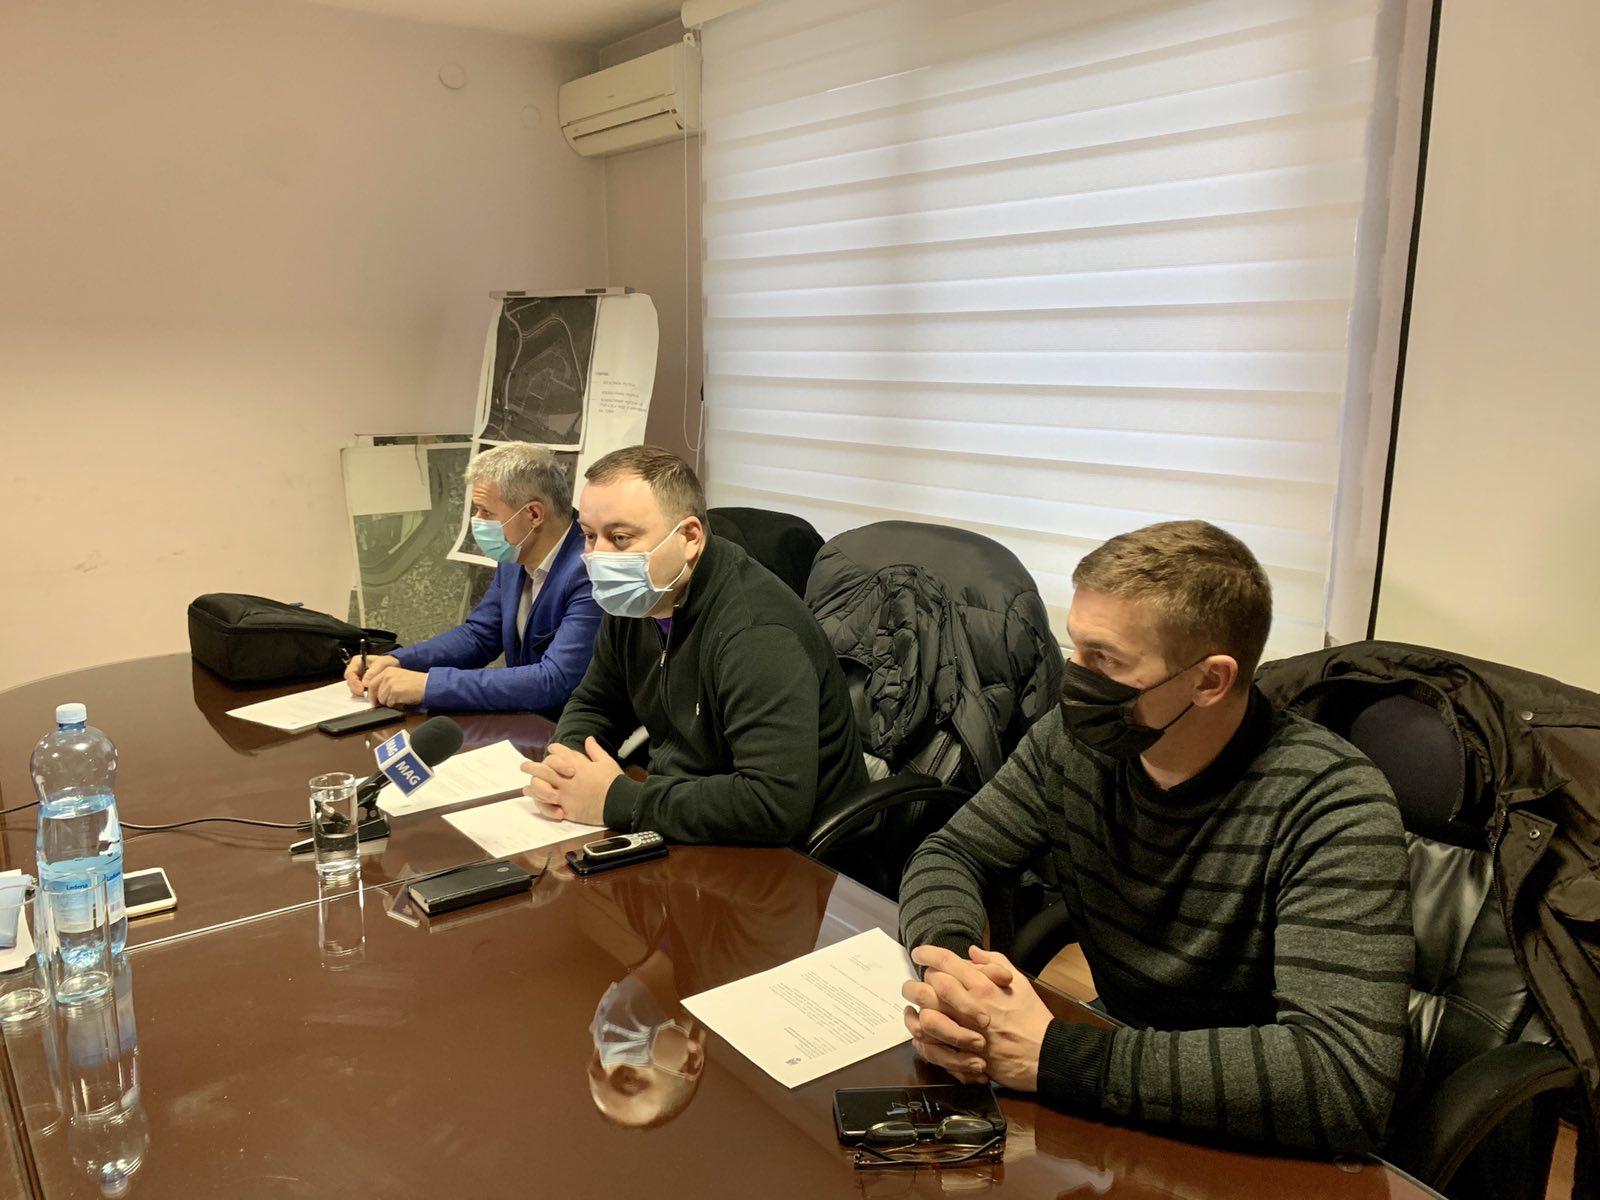 Општина Обреновац спремно дочекује најављен ледени талас